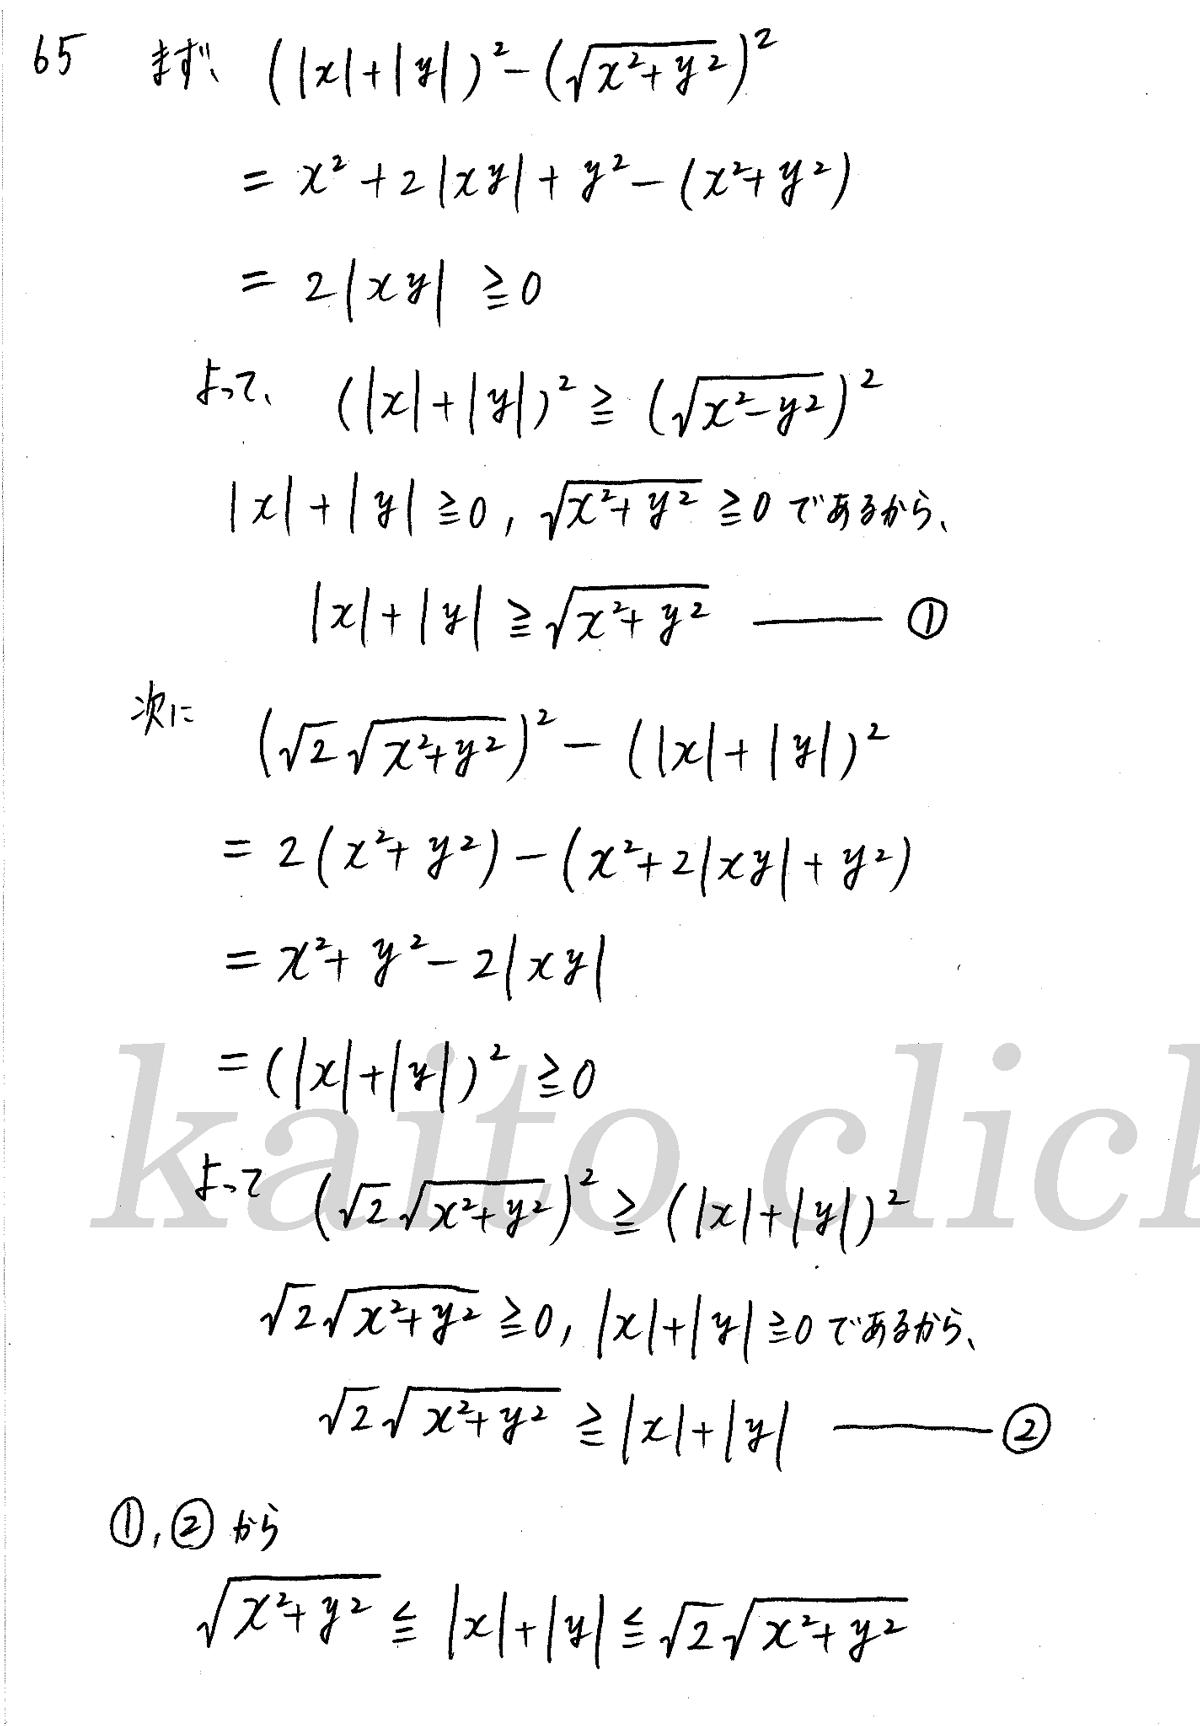 クリアー数学2-65解答